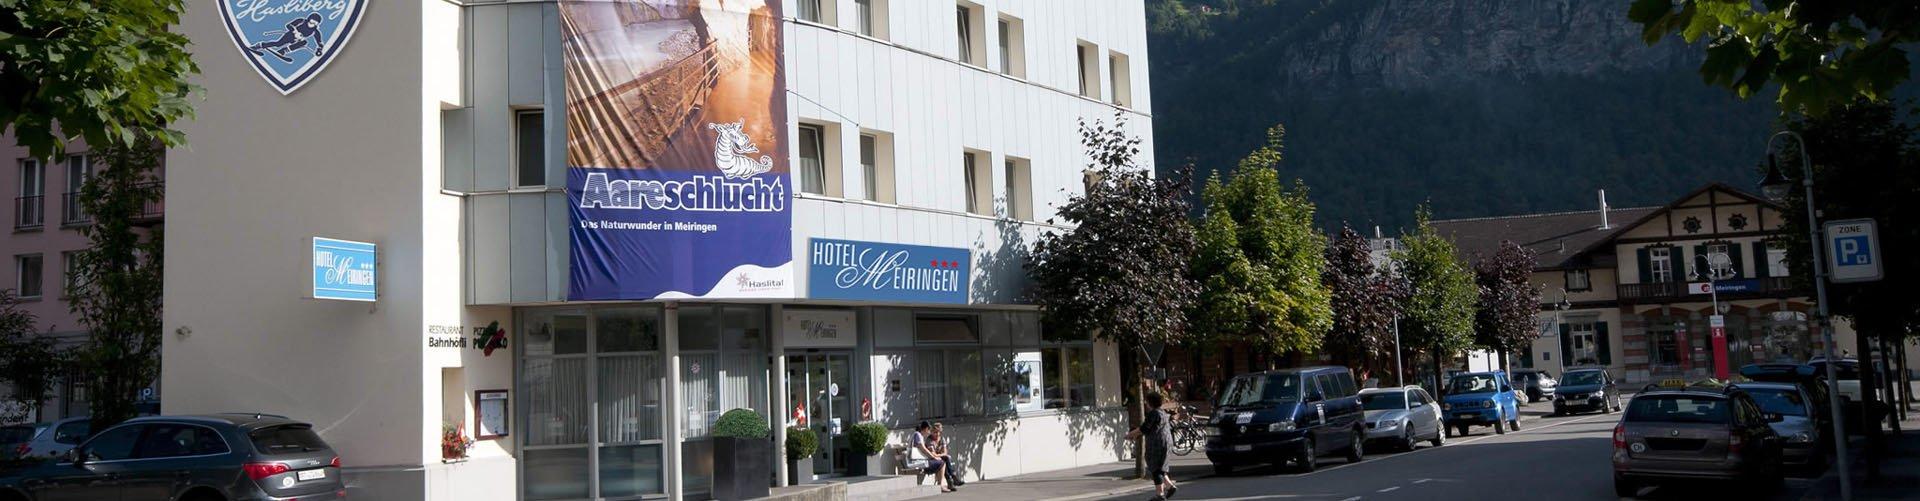 Hotel Meiringen in Meiringen